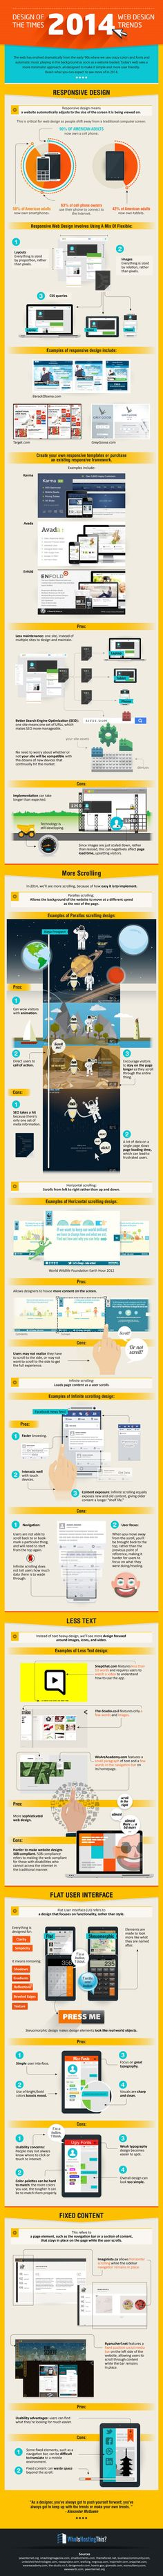 Infografía que nos muestra las tendencias del diseño web, que hemos visto en este 2014.